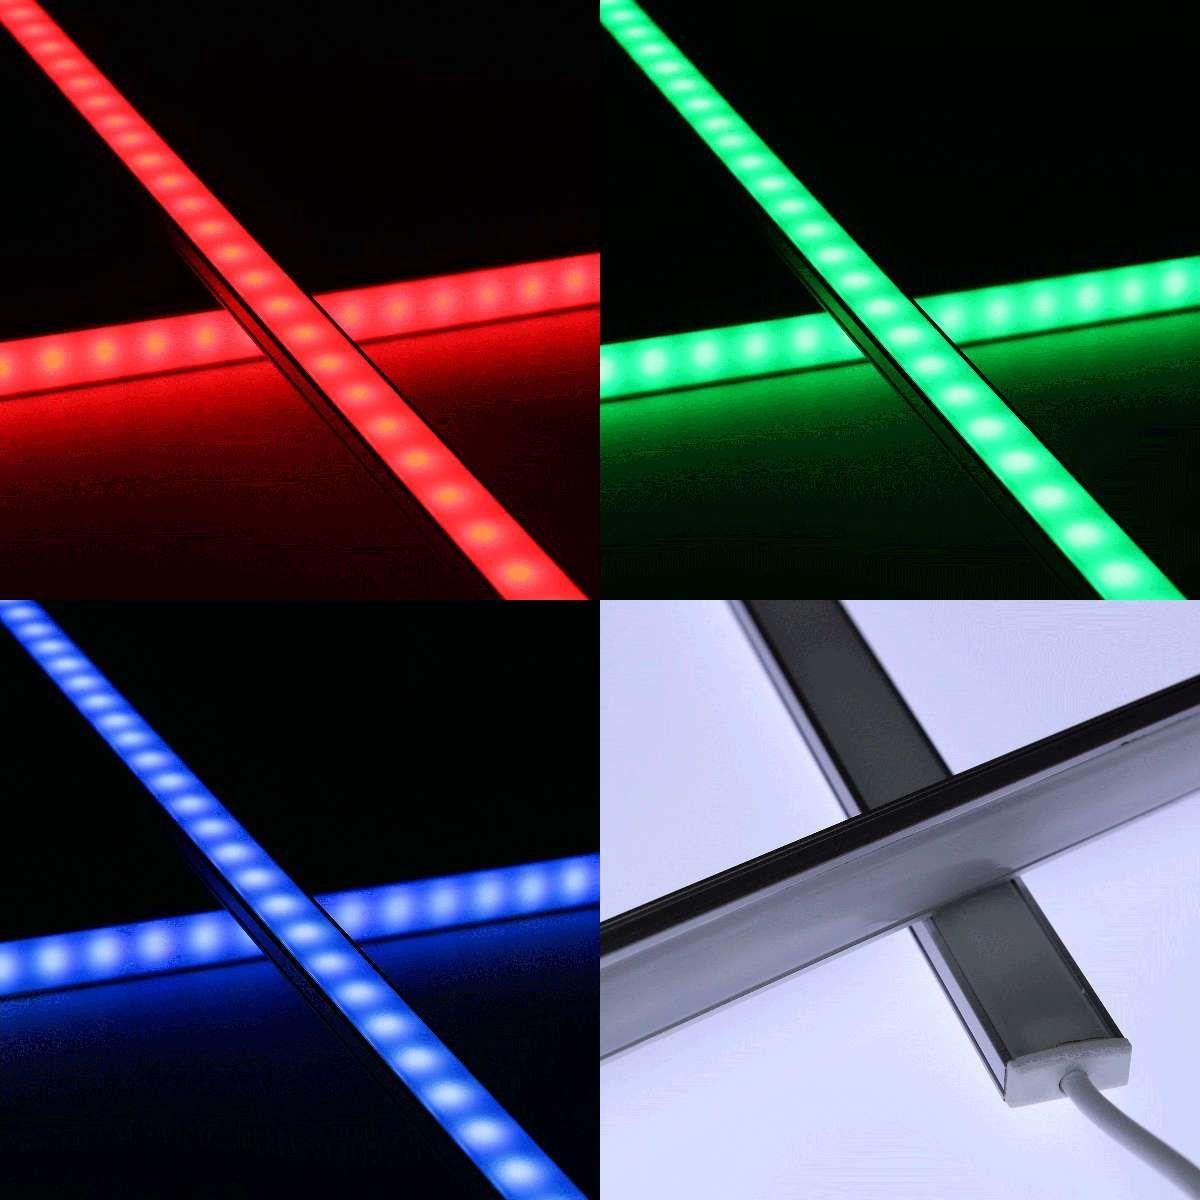 Beleuchten Sie Raume Hintergrunde Oder Objekte Farbig Oder In Warmweiss Auch Verschieden Wechselnde Farbenspiele Konnen D In 2020 Einbauleuchten Led Led Lichtleiste